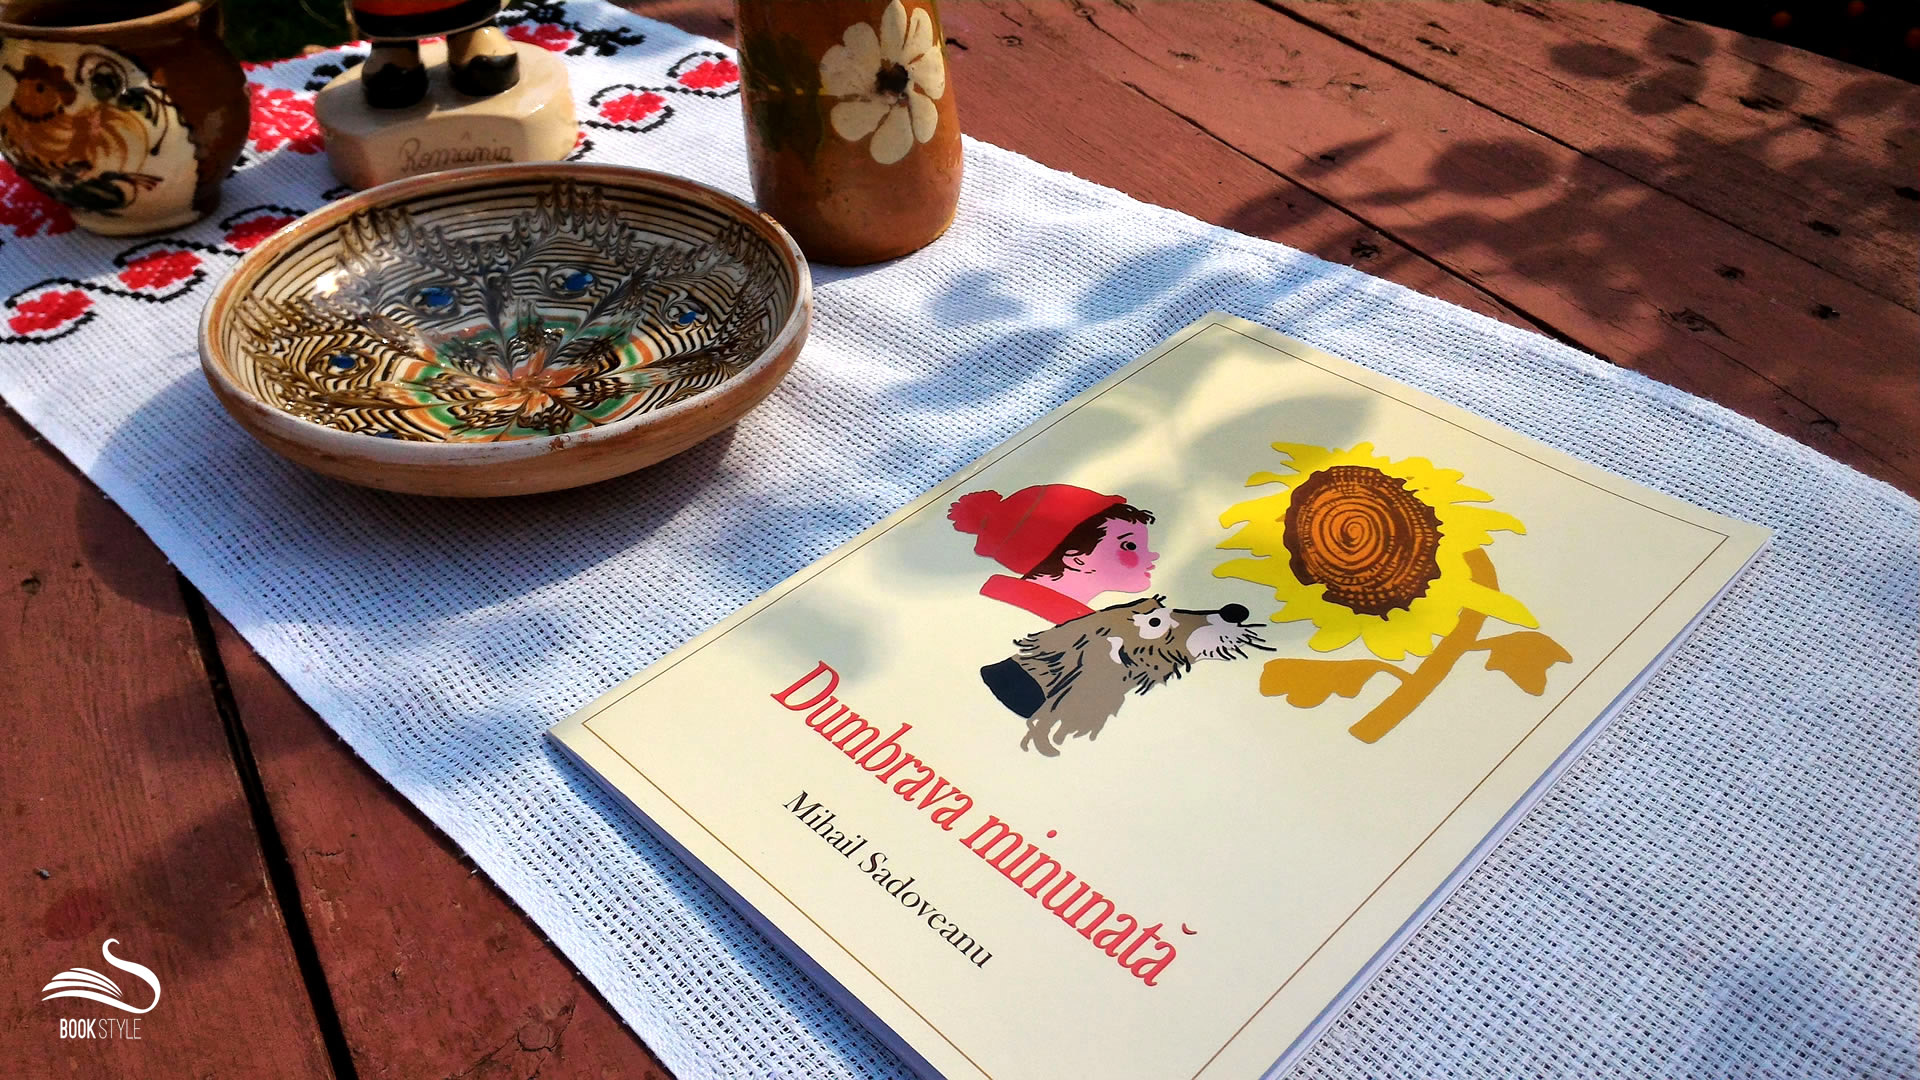 Dumbrava minunată, de Mihail Sadoveanu - Editura Mihail Sadoveanu ISBN 978-606-93355-2-9